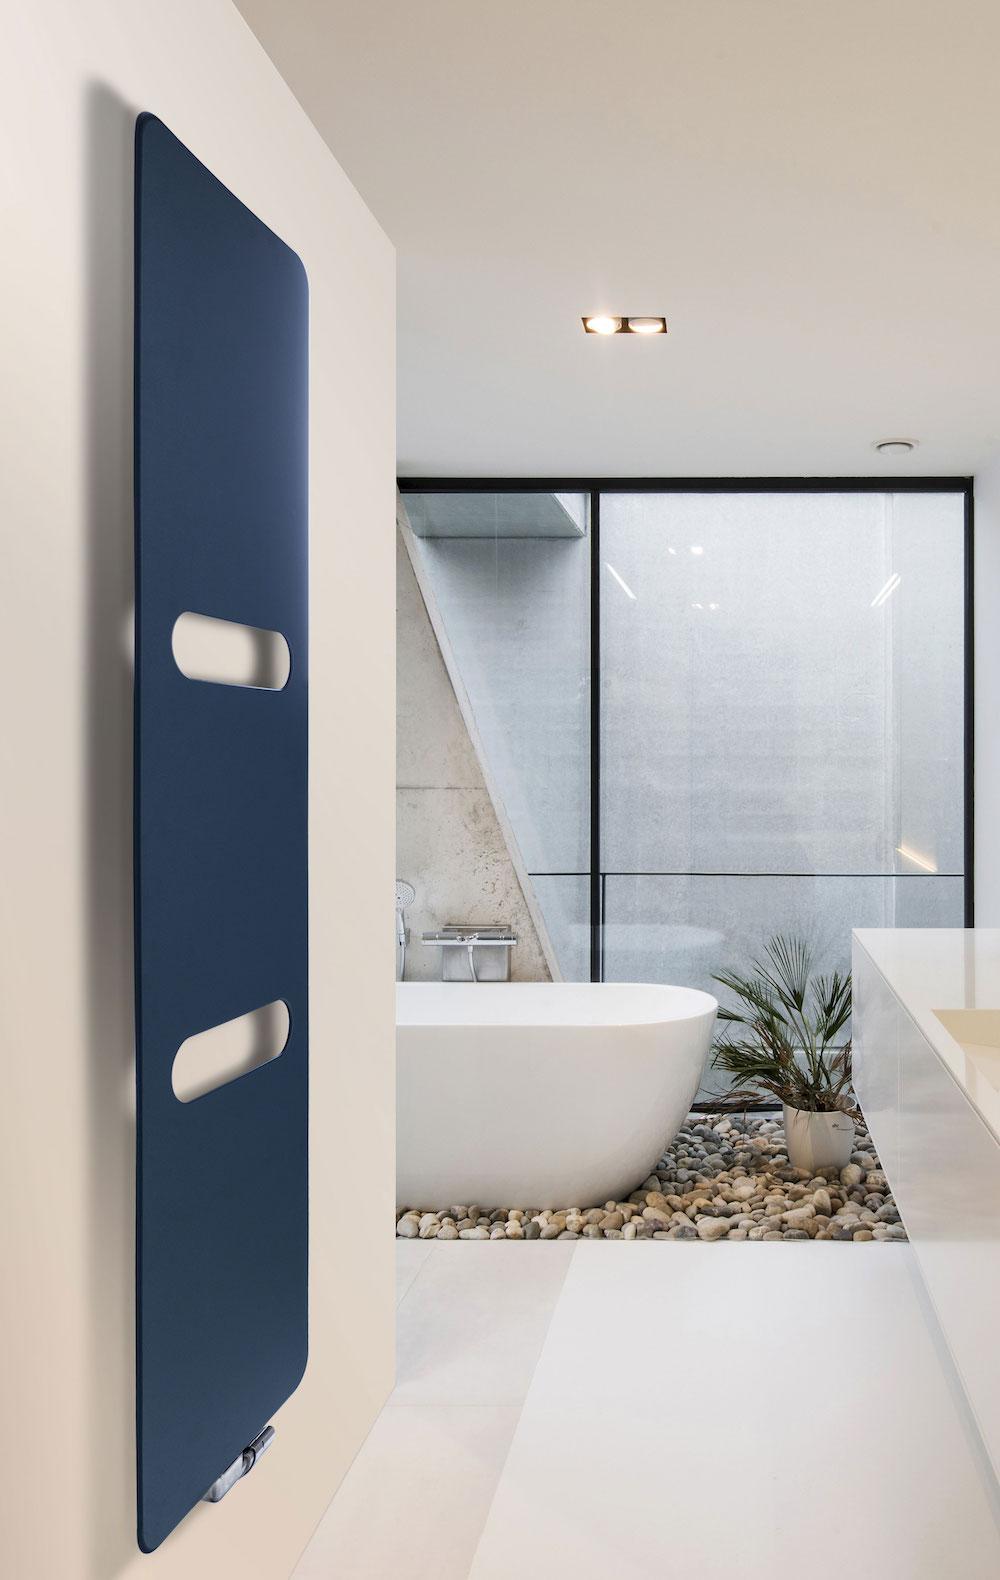 Designradiator Oni voor de badkamer. Met optionele handdoekuitsparingen #vasco #design #badkamer #verwarming